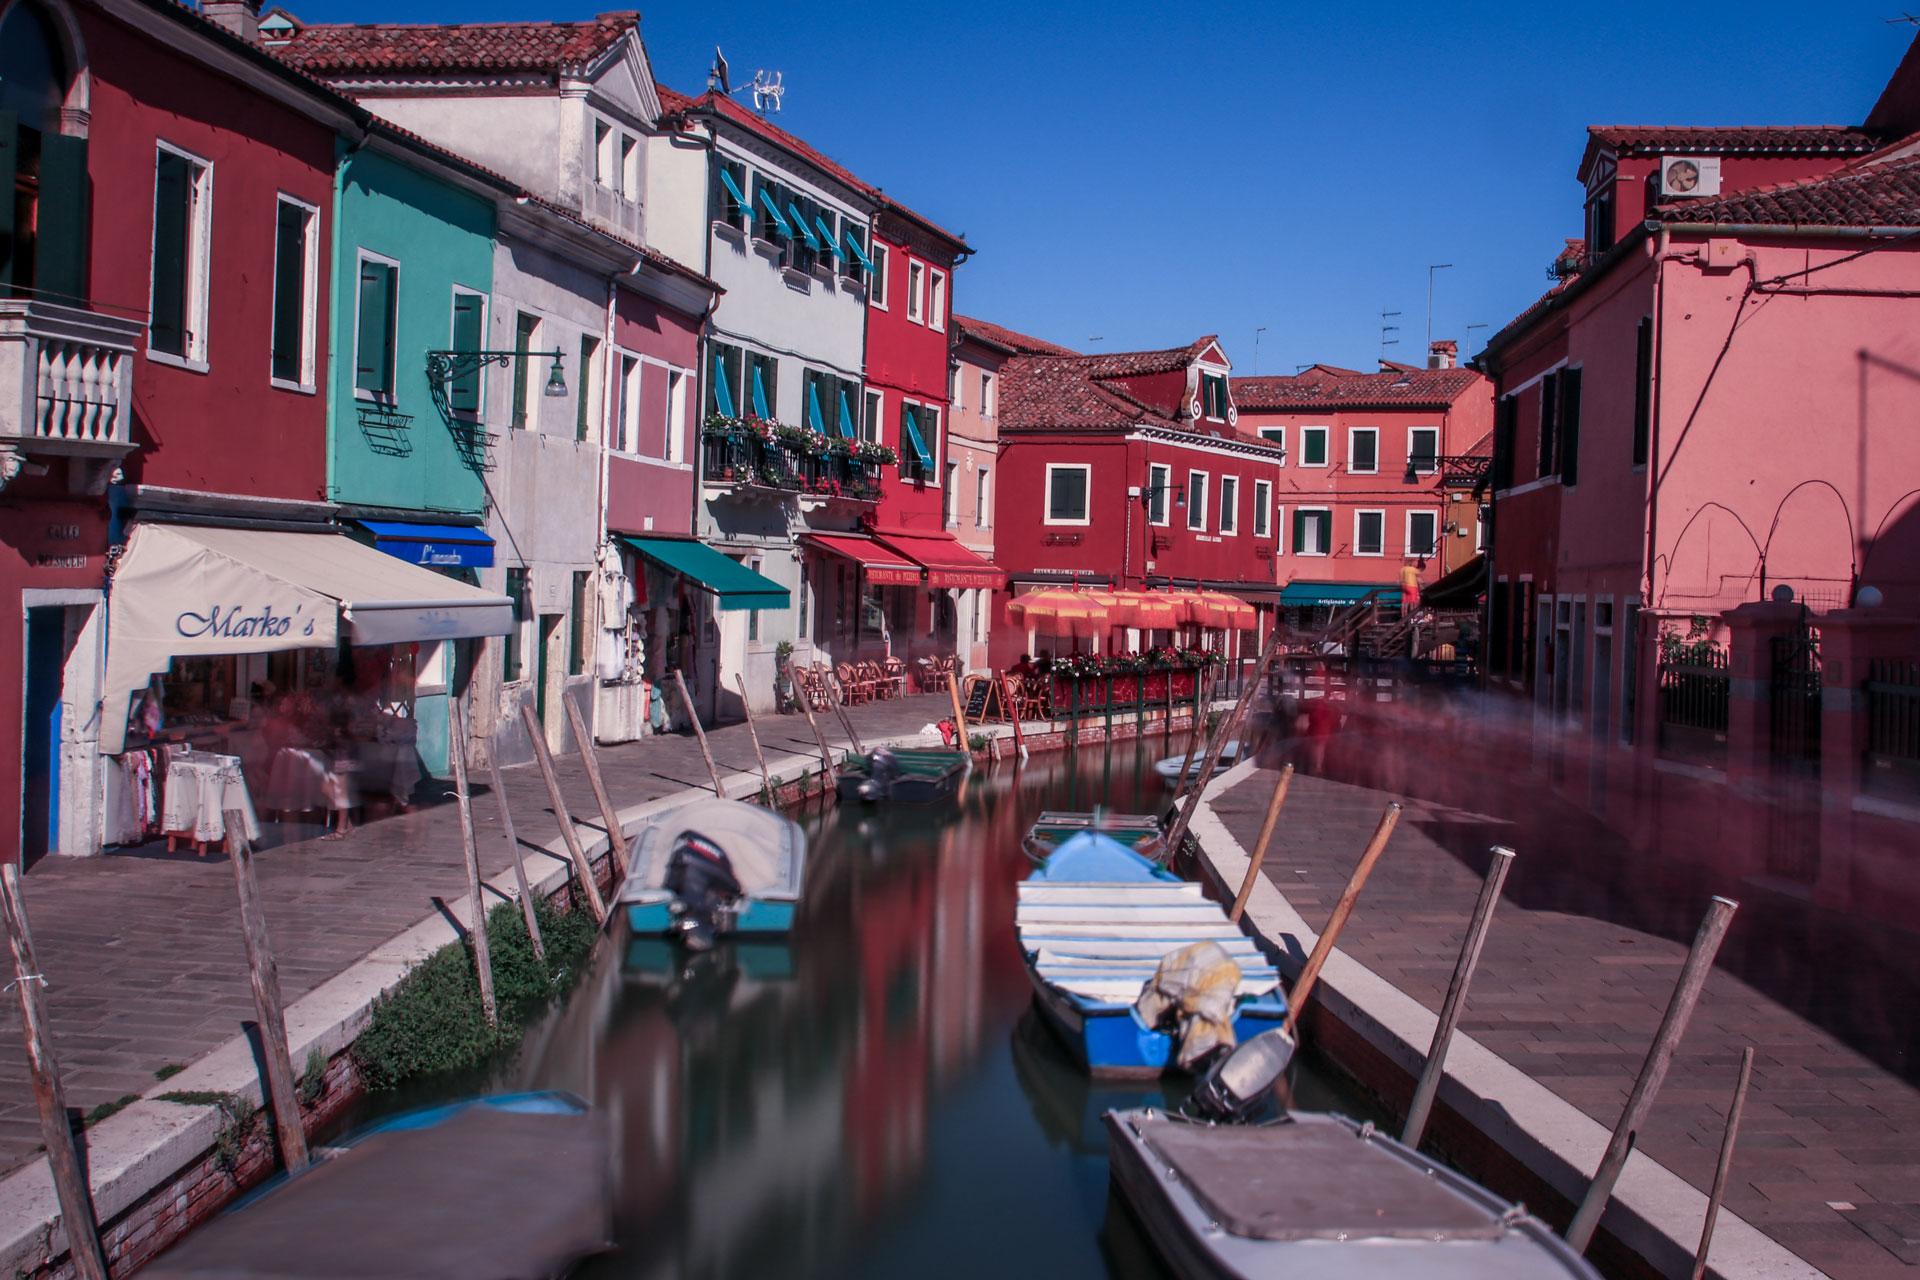 Murano Burano Fotoğrafları Italya Gezilecek Yerler Çekergezer Hakan Aydın Gezgin Fotoğrafçı www.cekergezer.com www.cekergezer.com